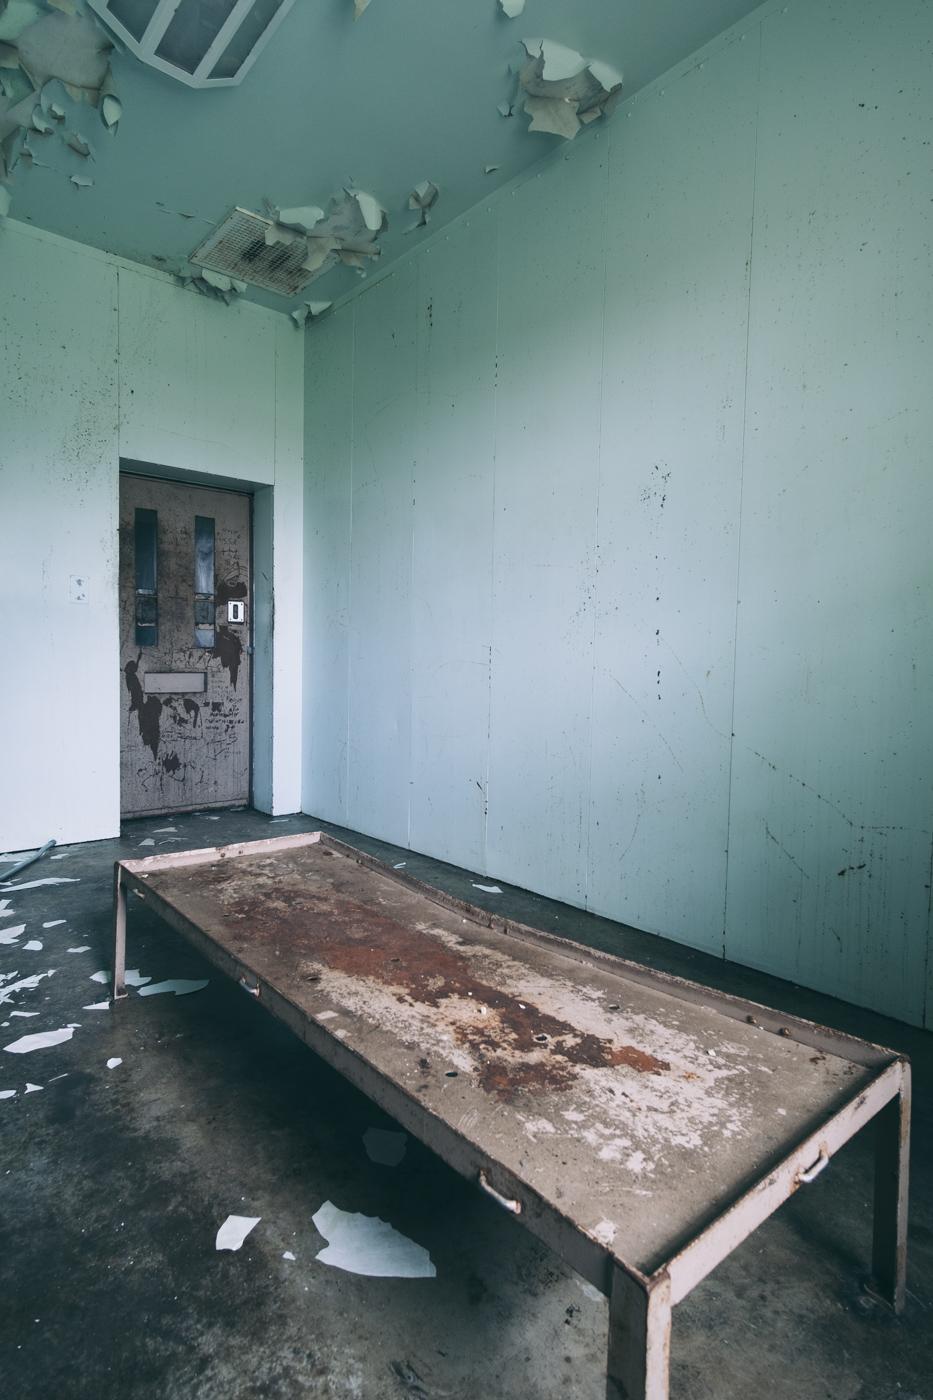 180602-pa-prison-12.jpg